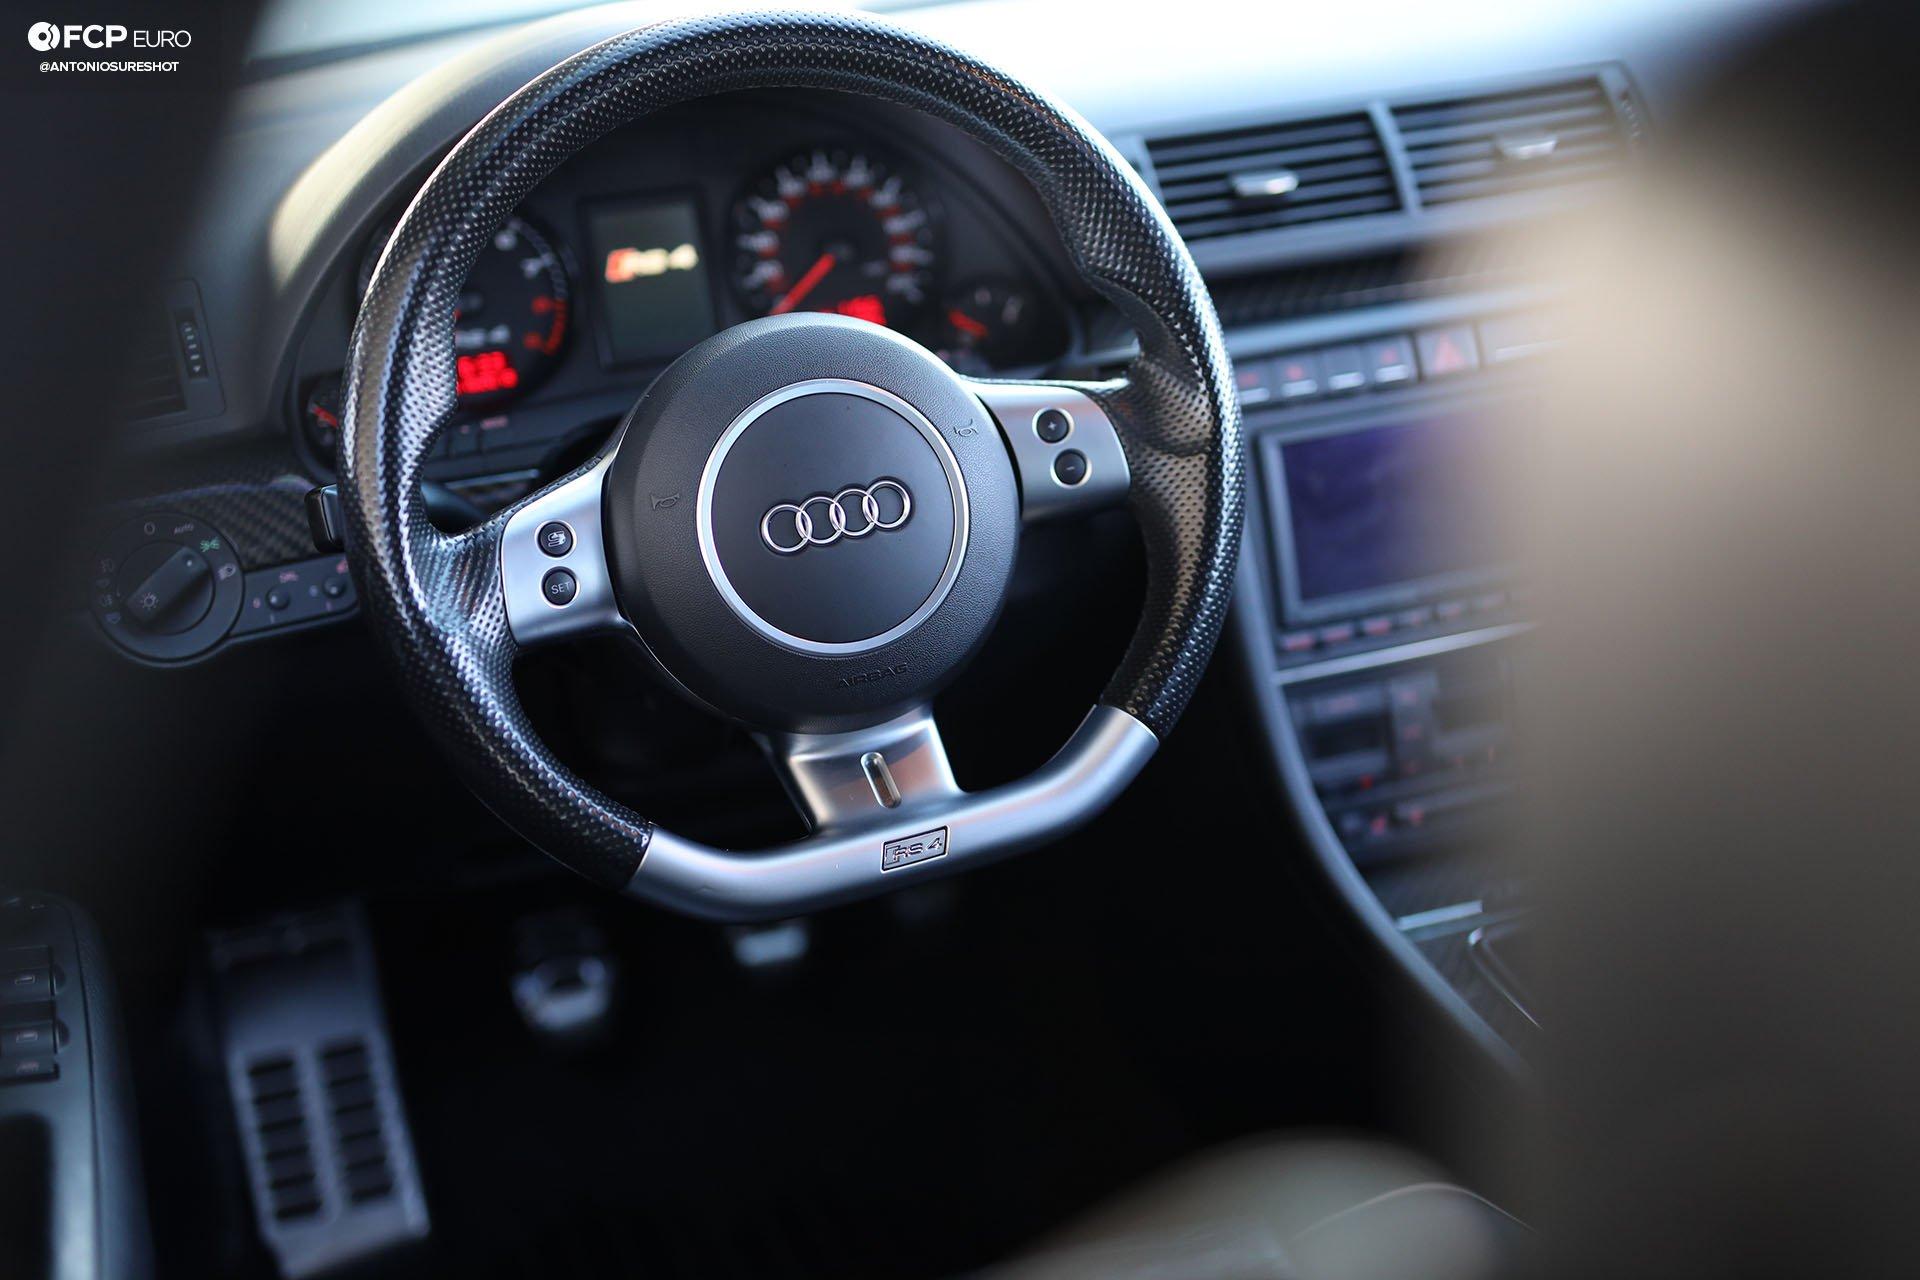 B7 Audi RS4 steering wheel